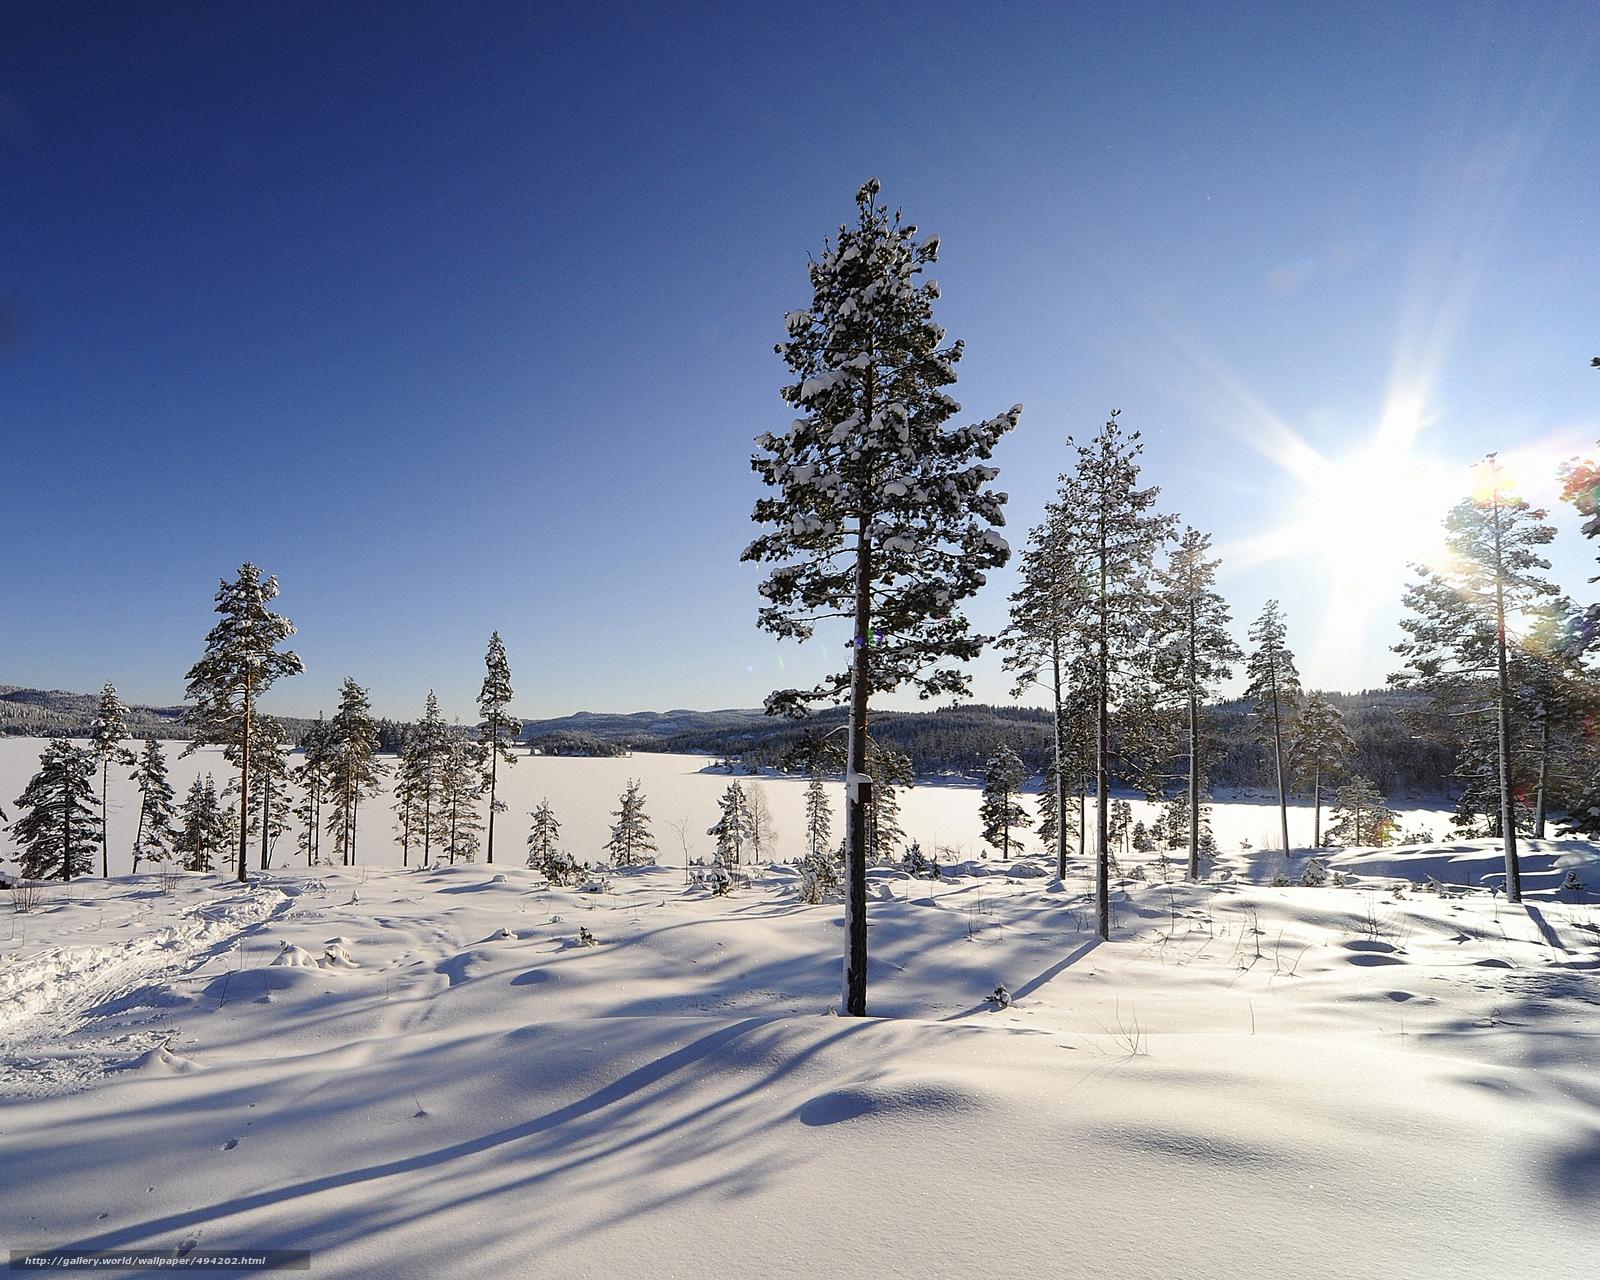 下载壁纸 冬季,  树,  太阳 免费为您的桌面分辨率的壁纸 5000x4000 — 图片 №494202